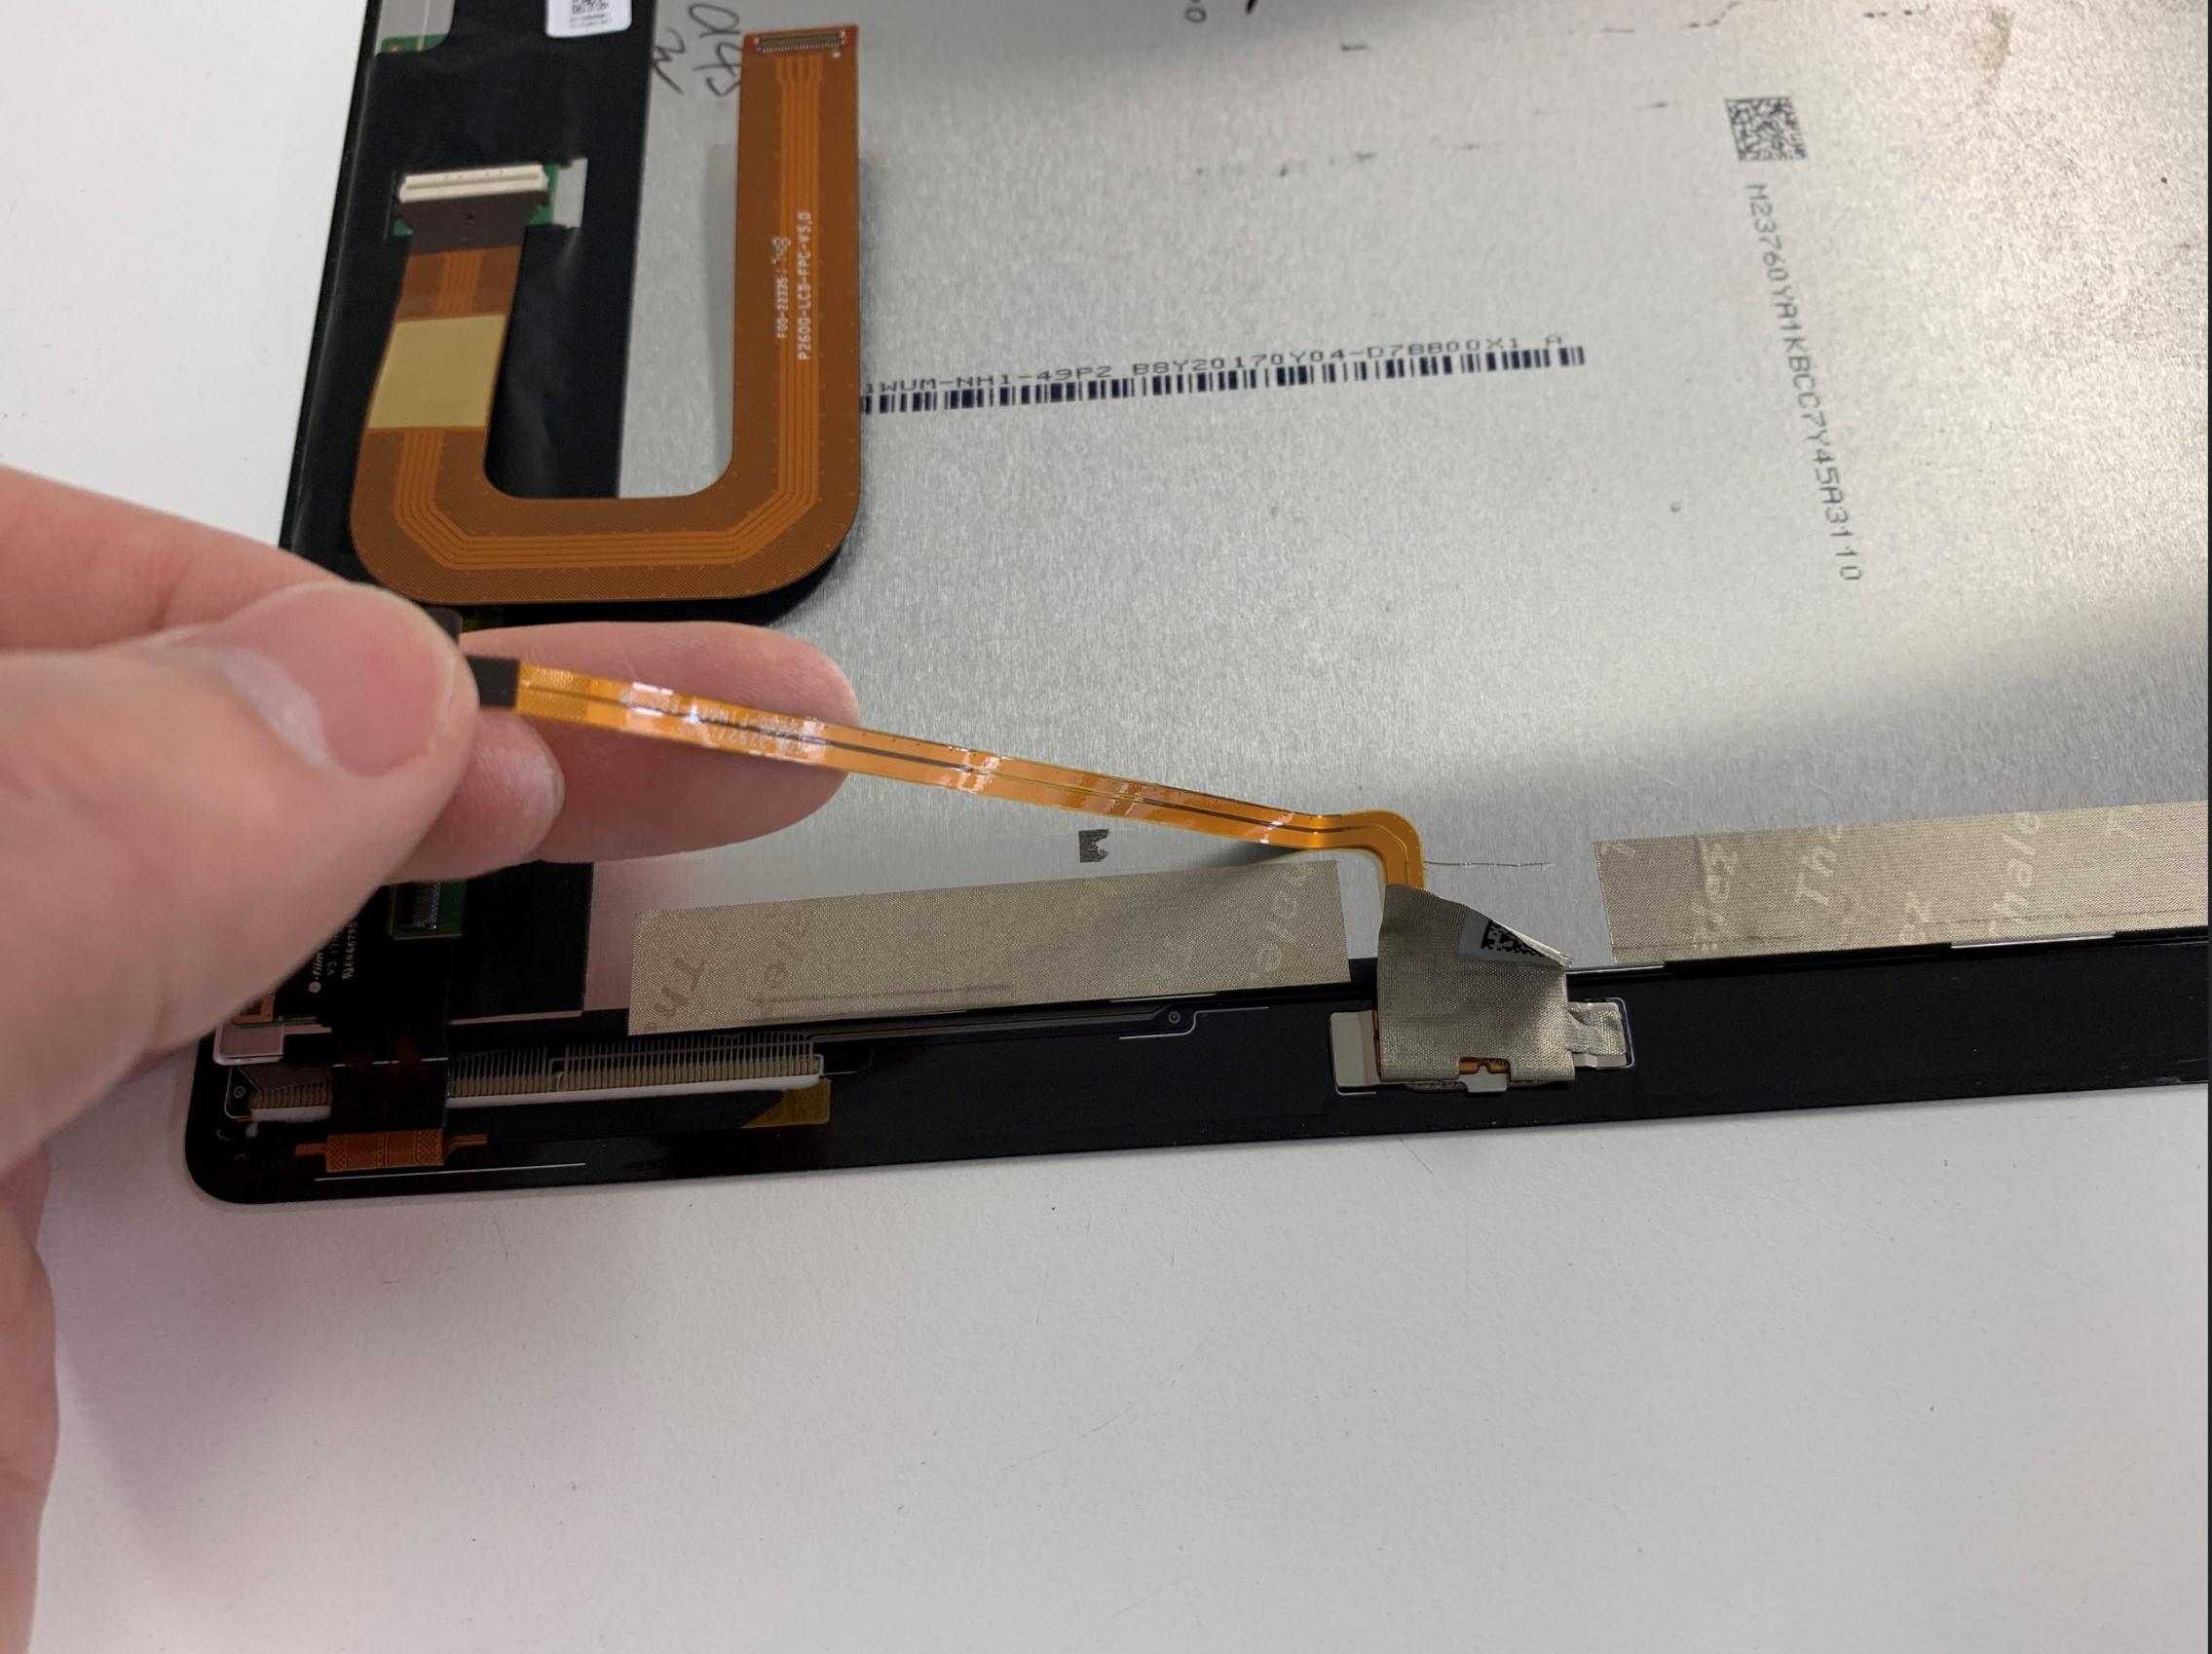 指紋認証ケーブルを剥がしているMediaPad M3 lite 10.1